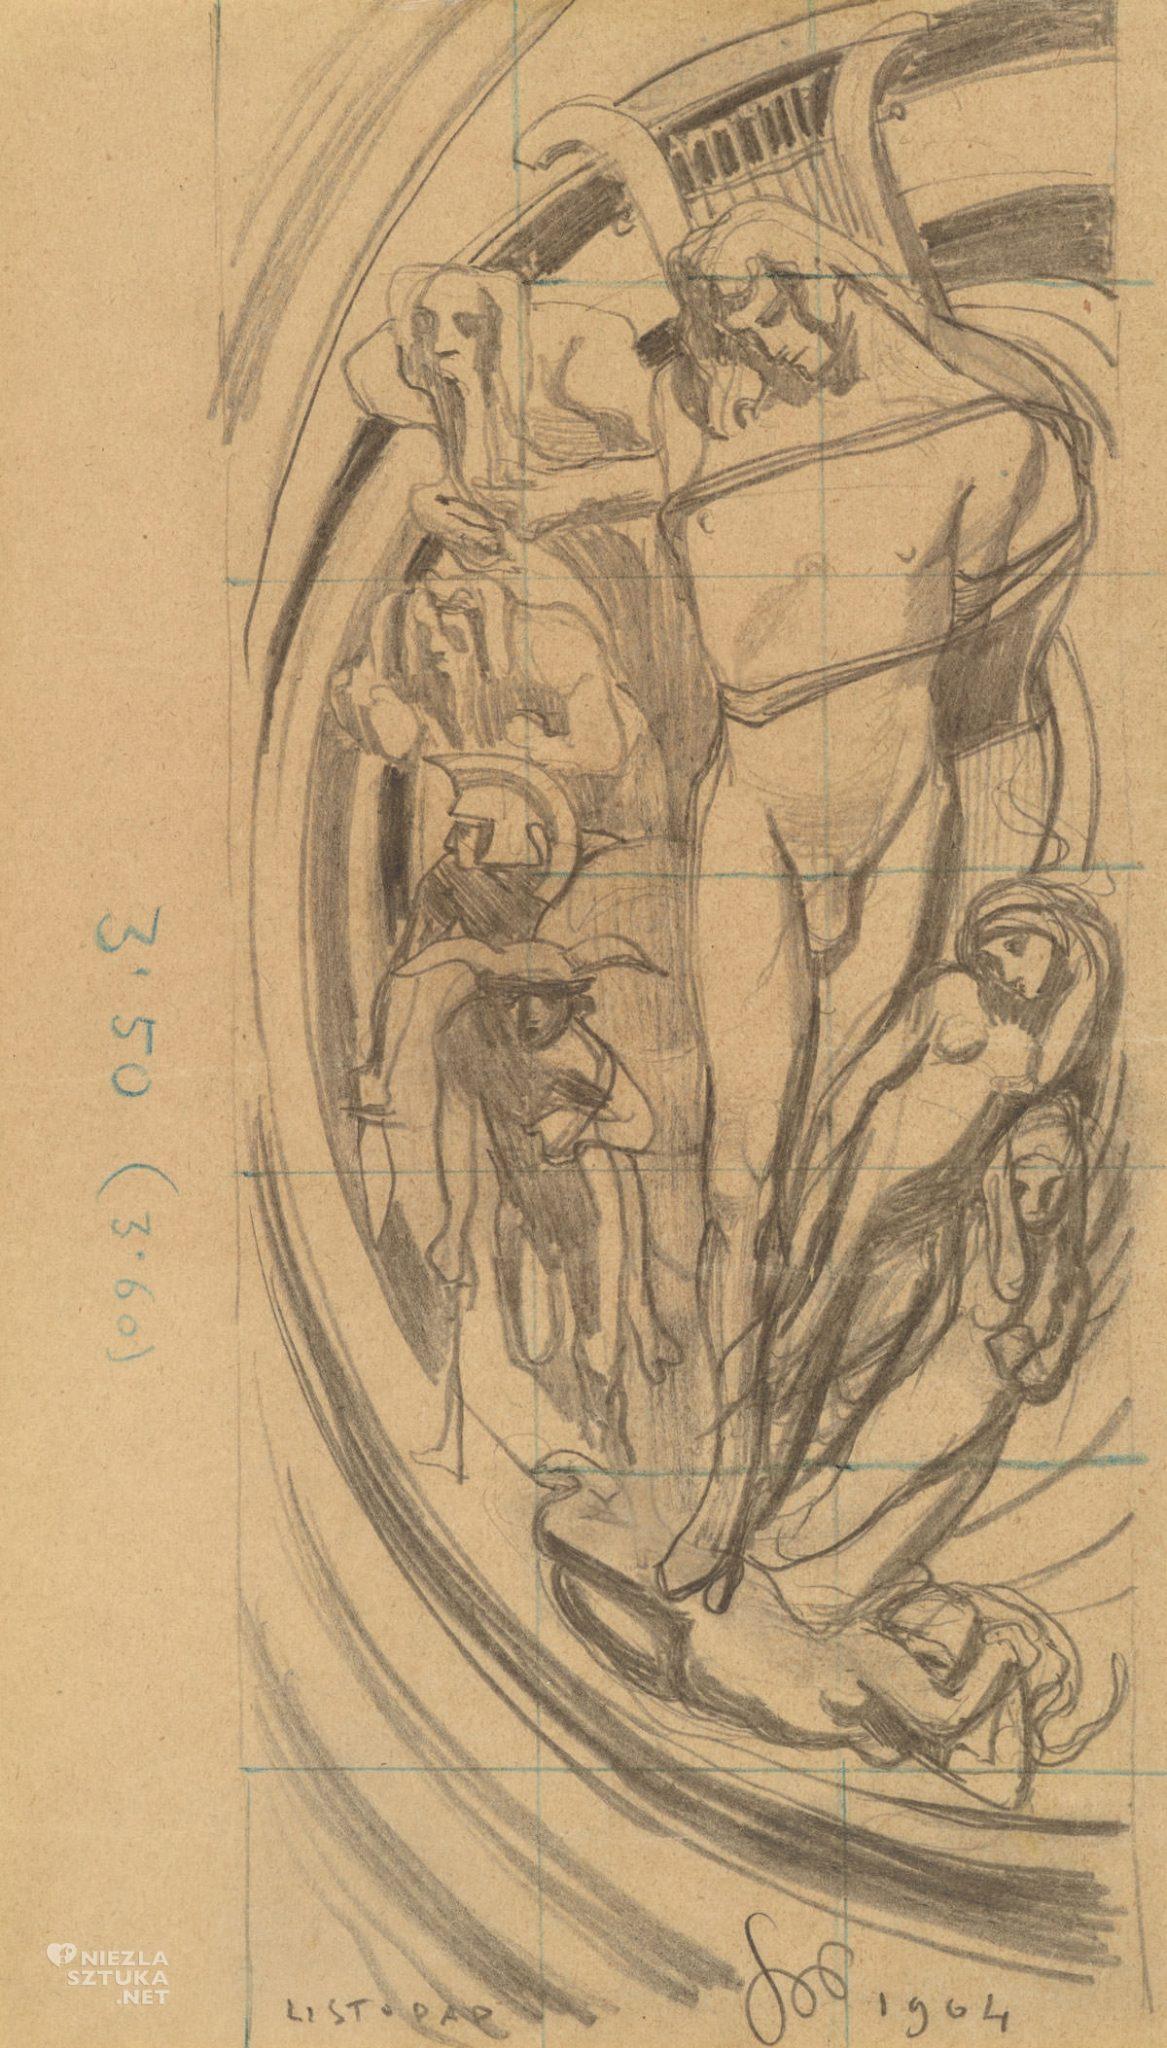 Stanisław Wyspiański, Apollo - System słoneczny Kopernika, szkic, sztuka polska, malarstwo polskie, witraż, niezła sztuka